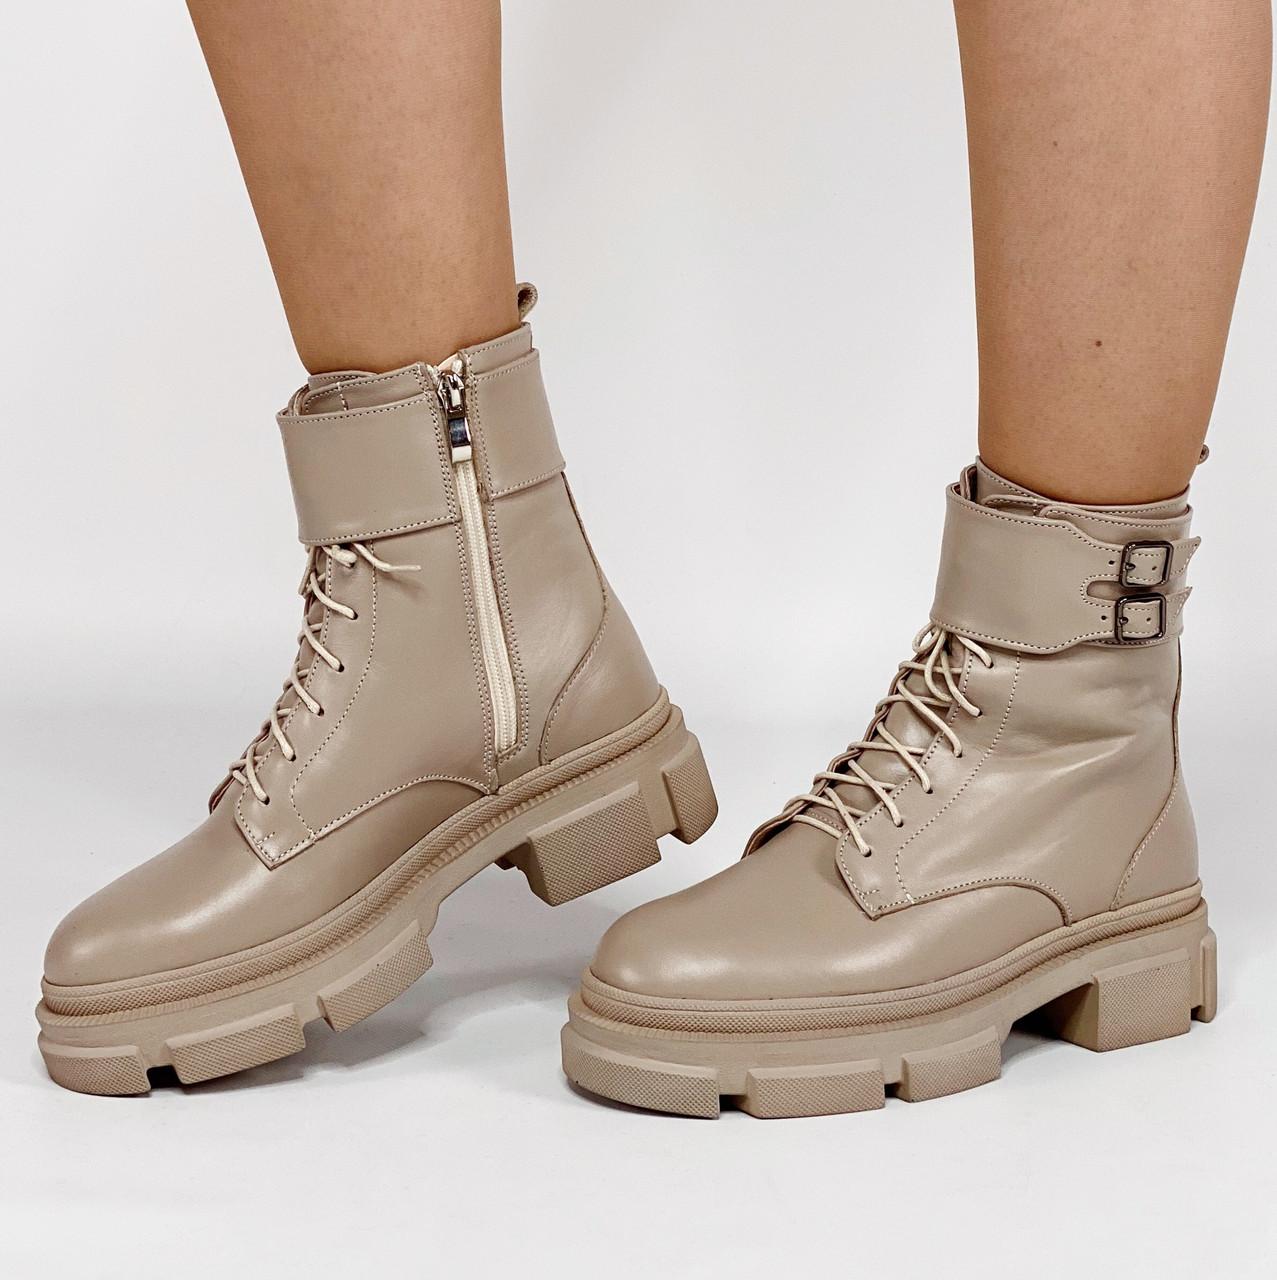 Ботинки женские кожаные бежевые на массивной подошве MORENTO демисезонные